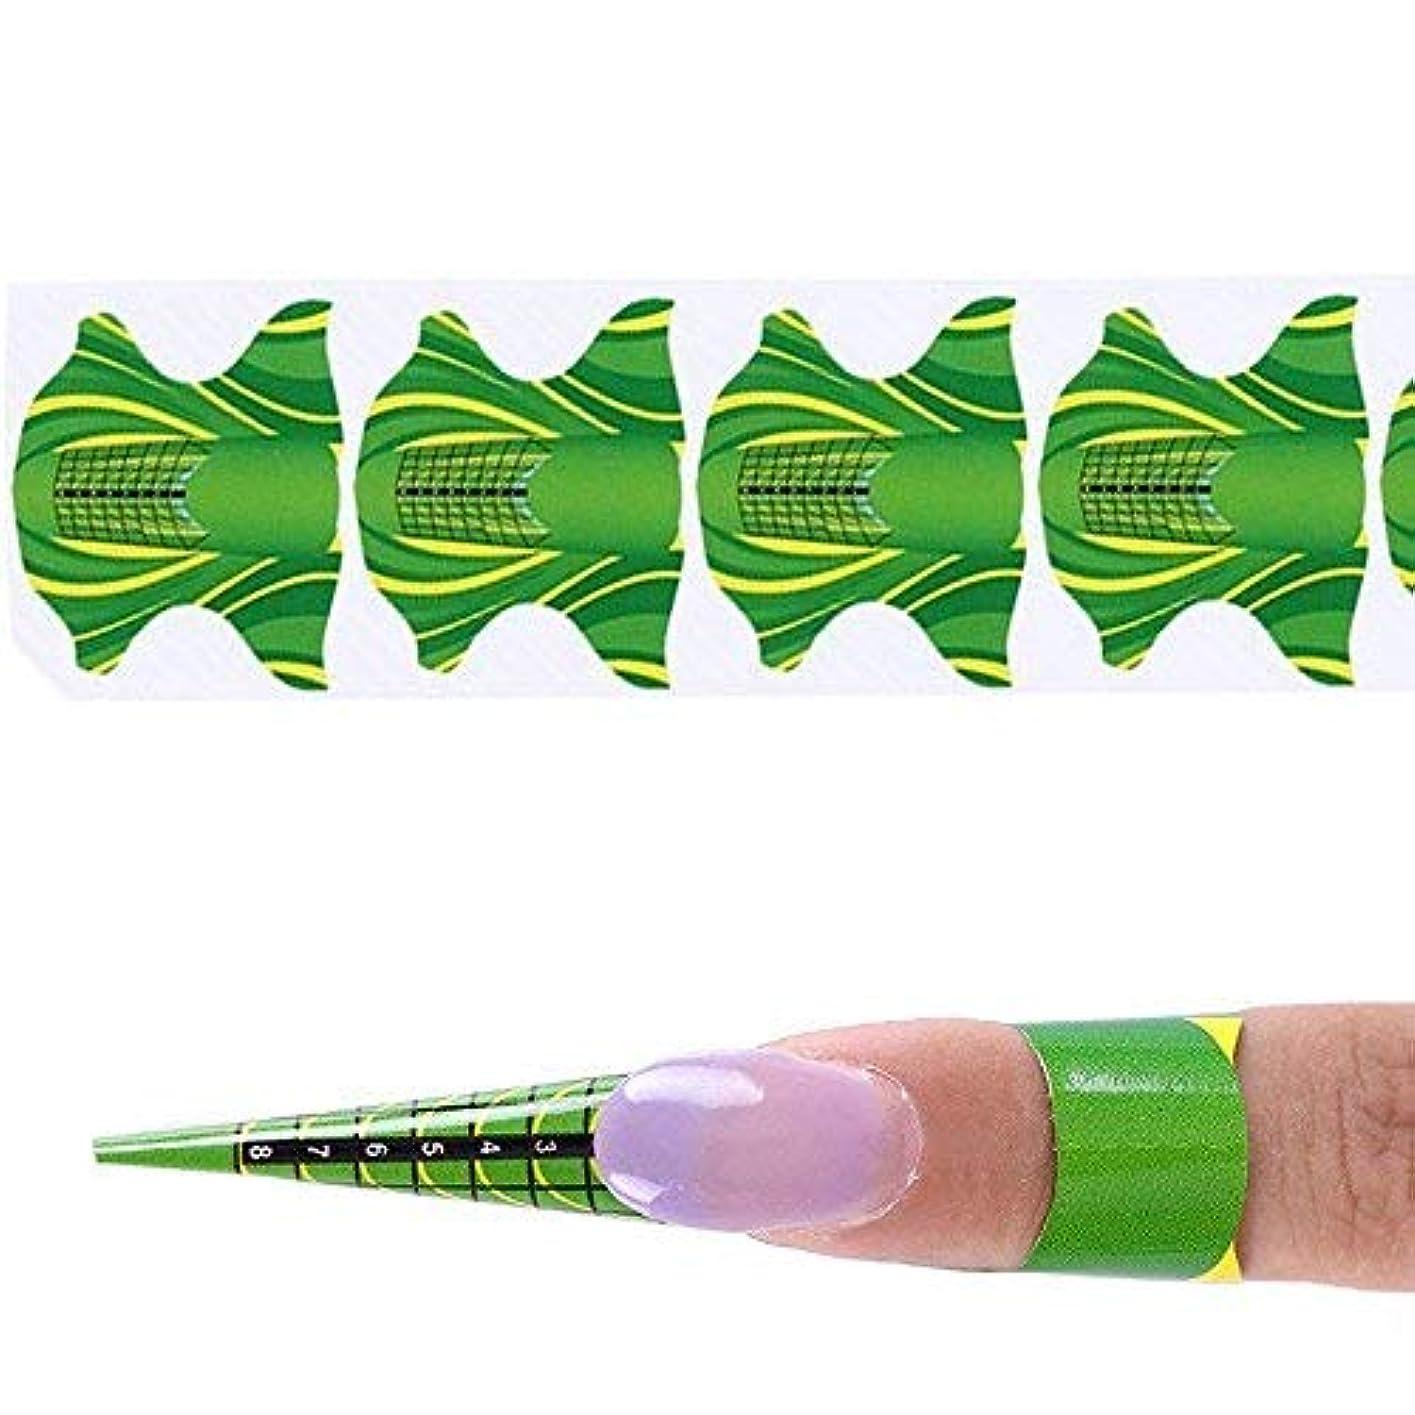 自慢積分慎重coraly ネイルアートツール 1巻500枚 長さだしジェルネイルフォーム 紙製のネイルフォーム プロ用 使い捨て